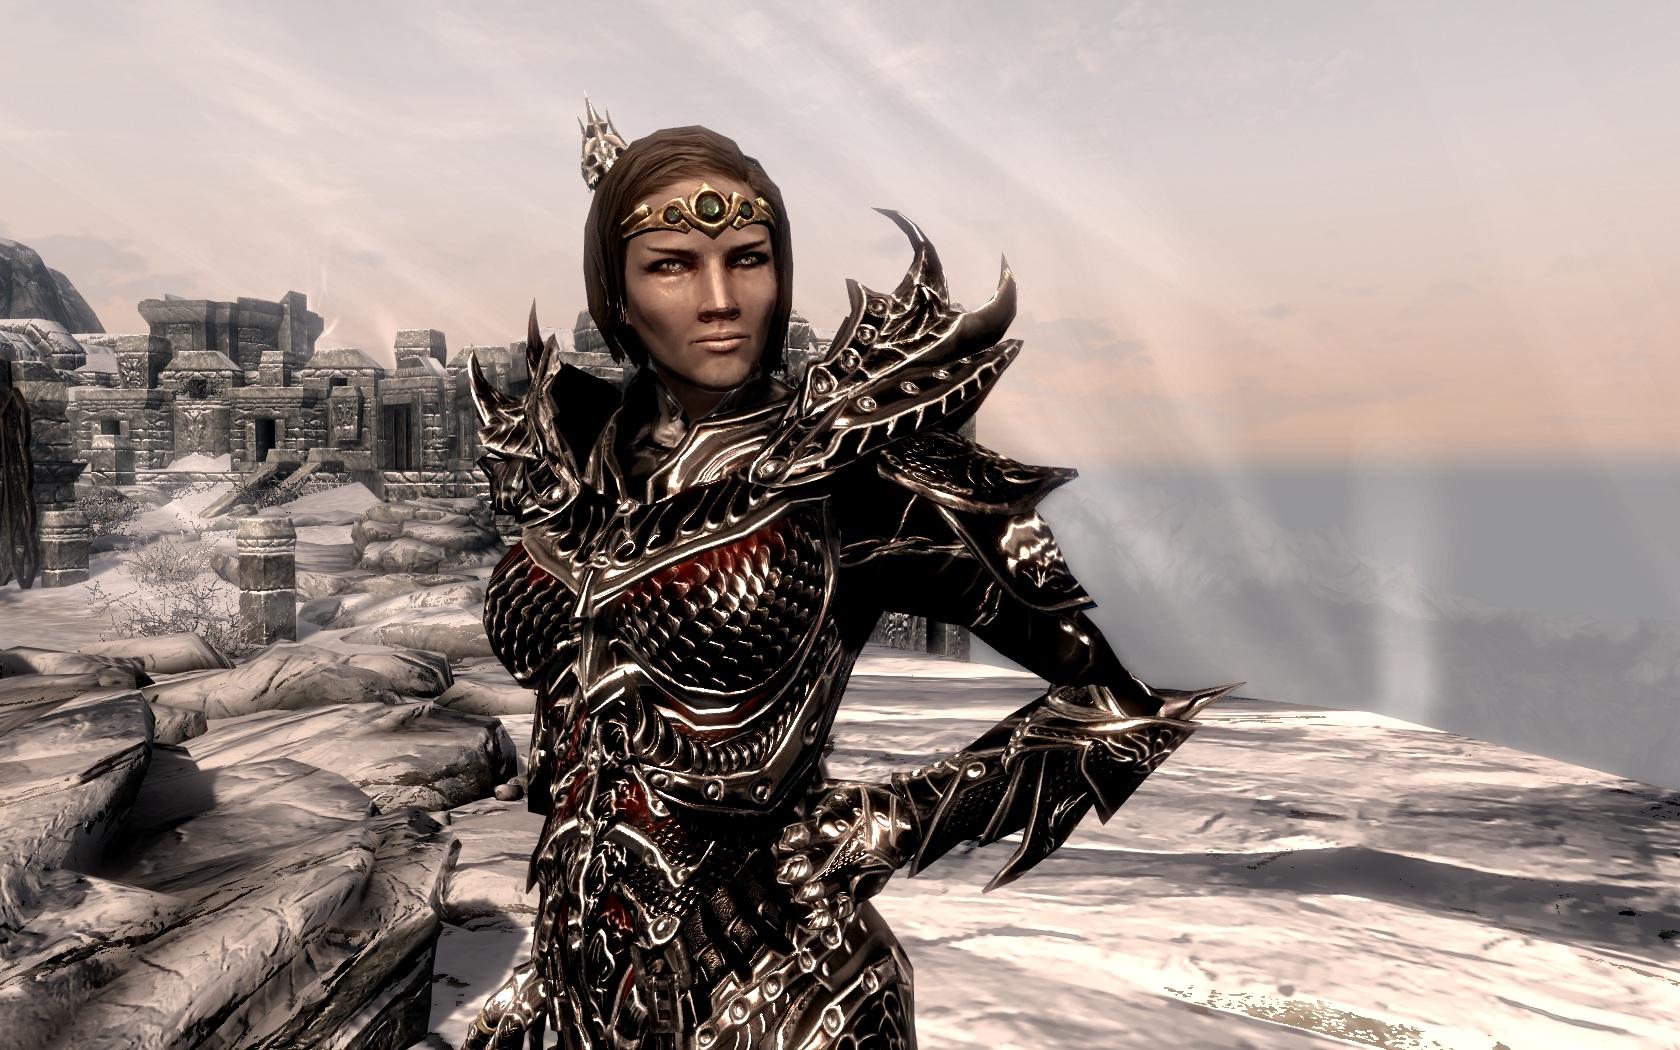 Alexia (la guerrière)